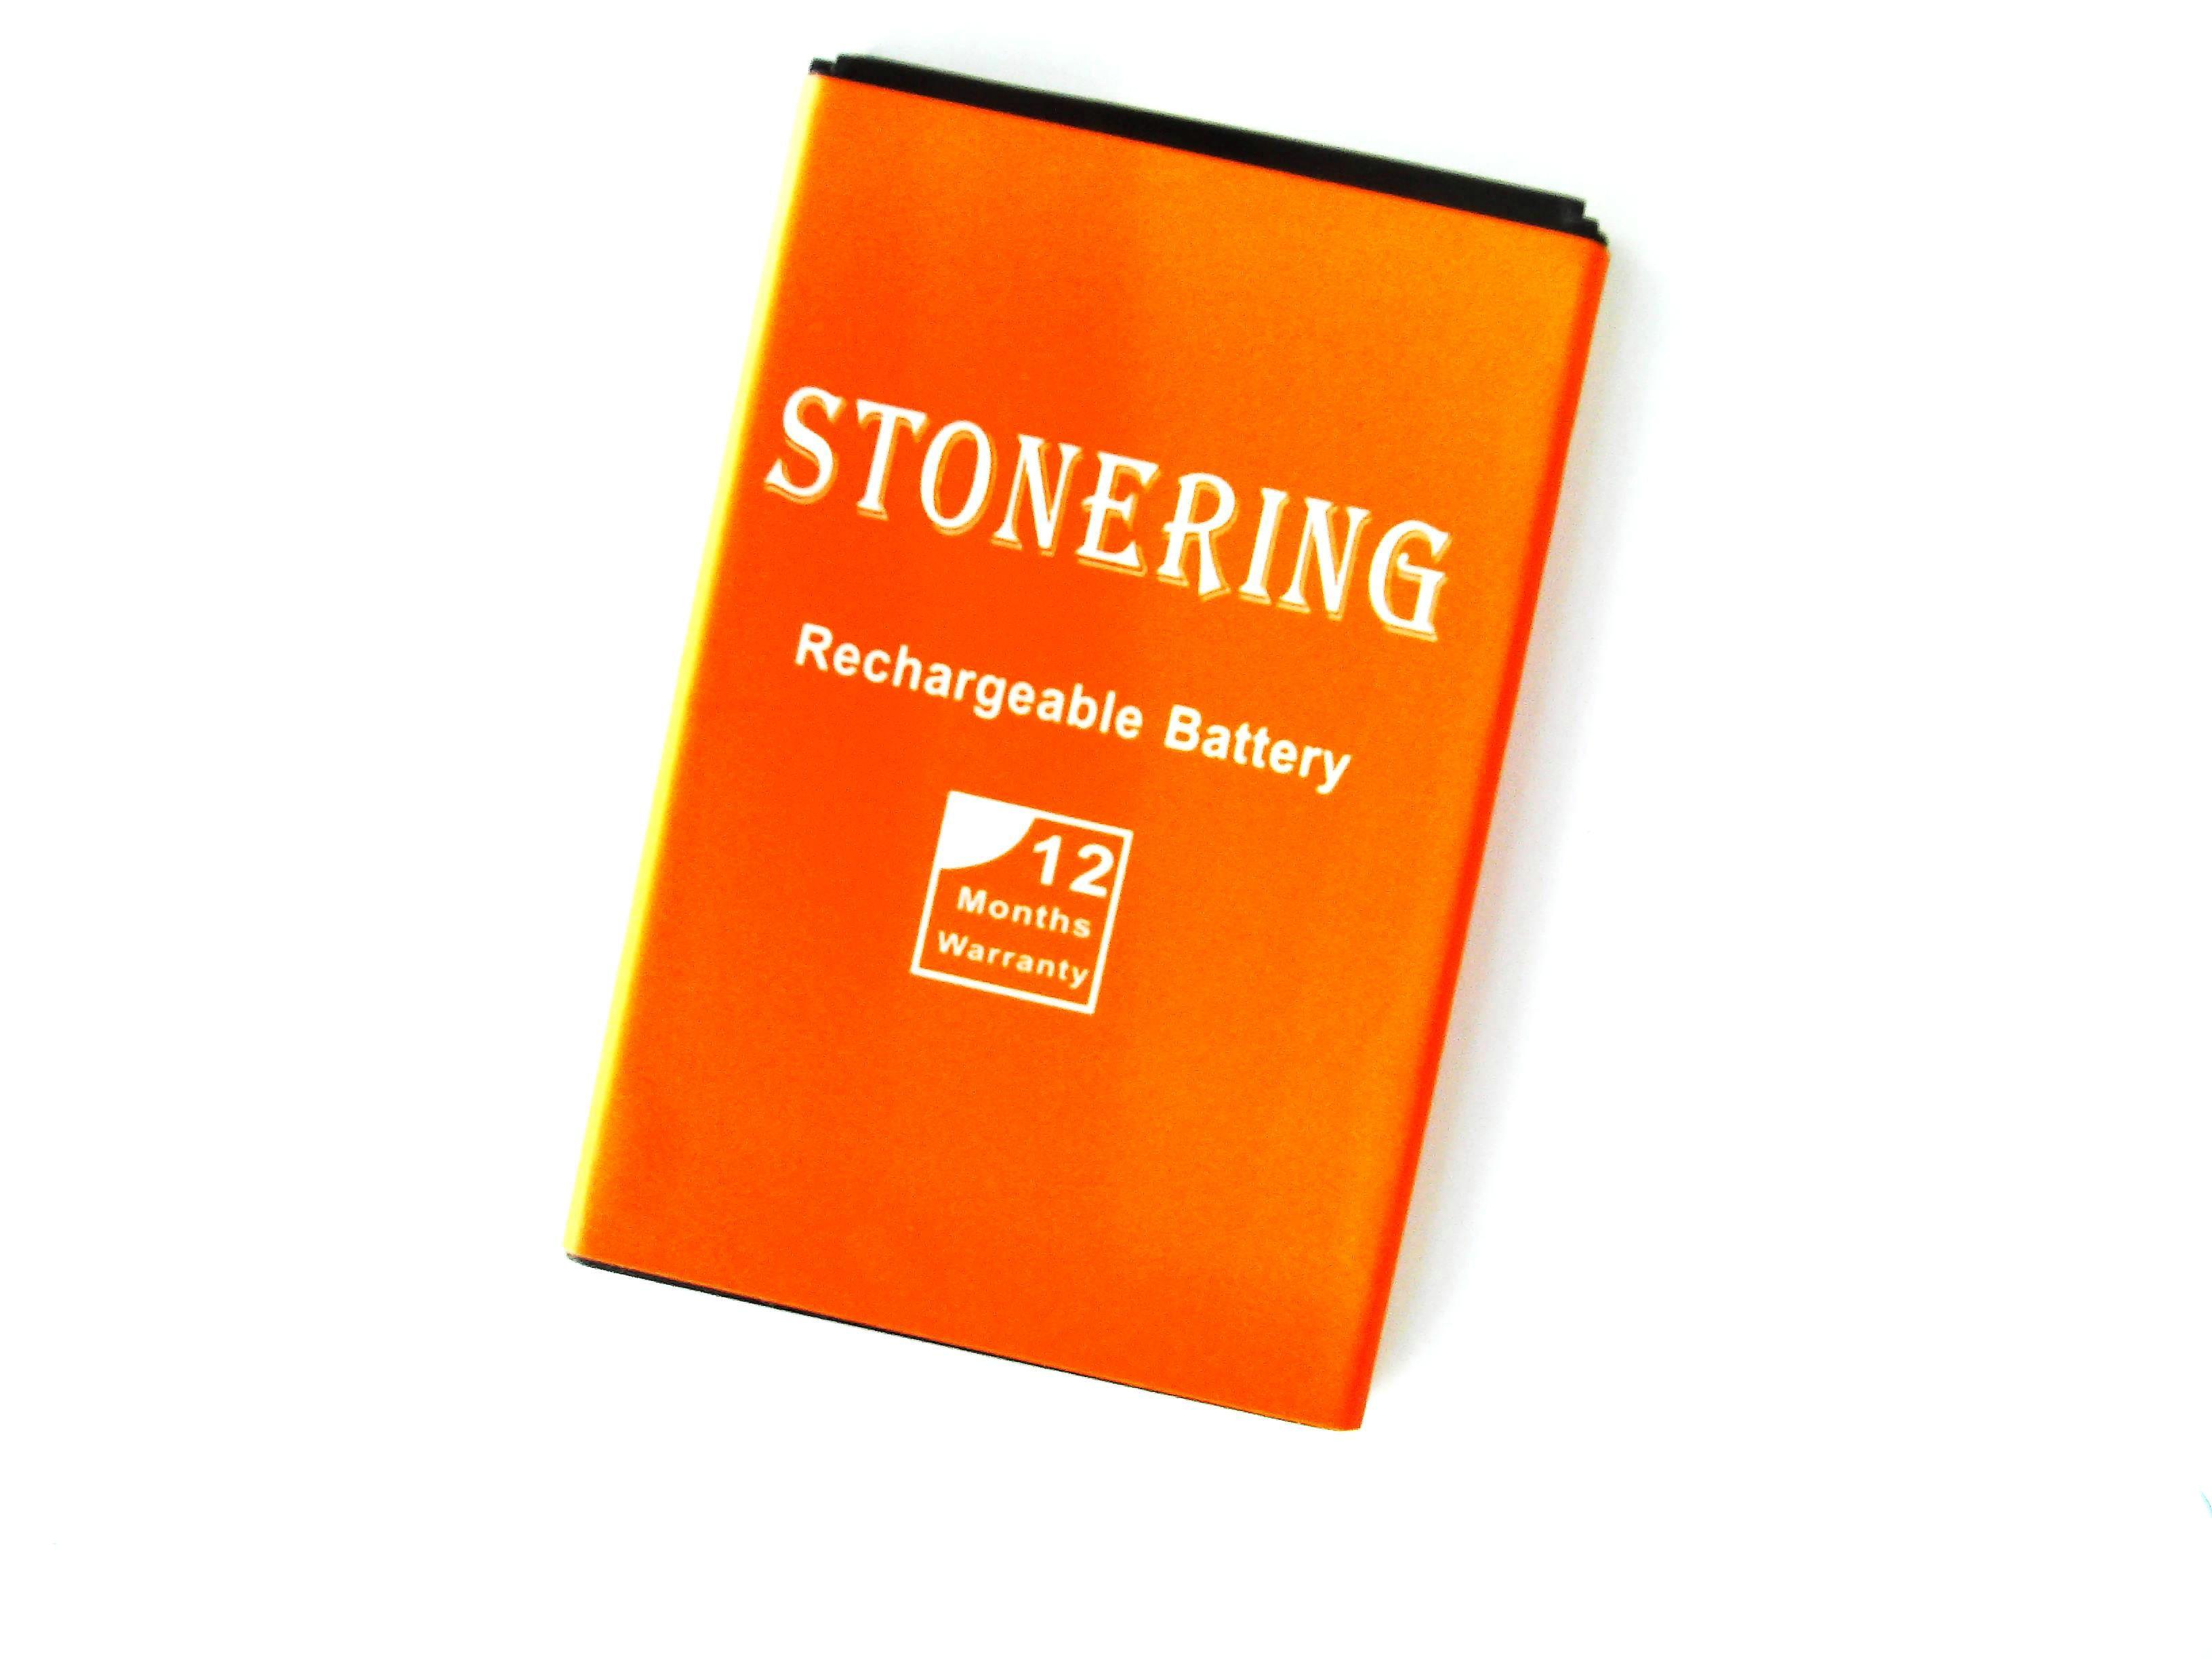 Stonering 1350 mAh Bateria para Huawei U120 HBU83S HBC83S U121 V715 V716 V839 T2021 T520 Telemóvel